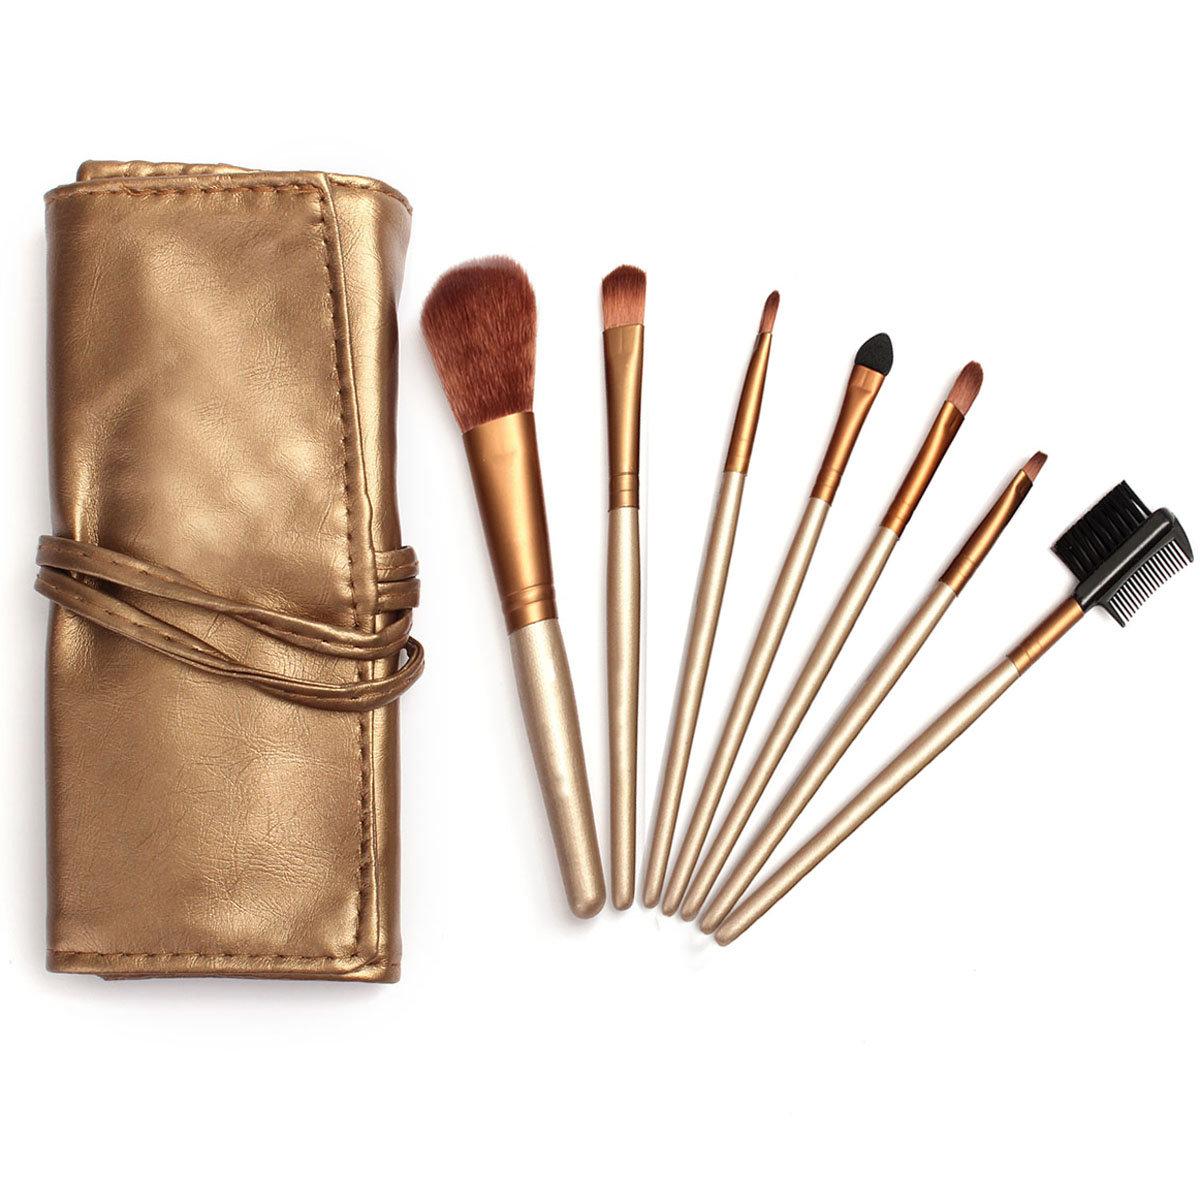 7 шт деревянной ручкой профессиональный макияж кисти Румяна Набор инструментов с ПУ сумка